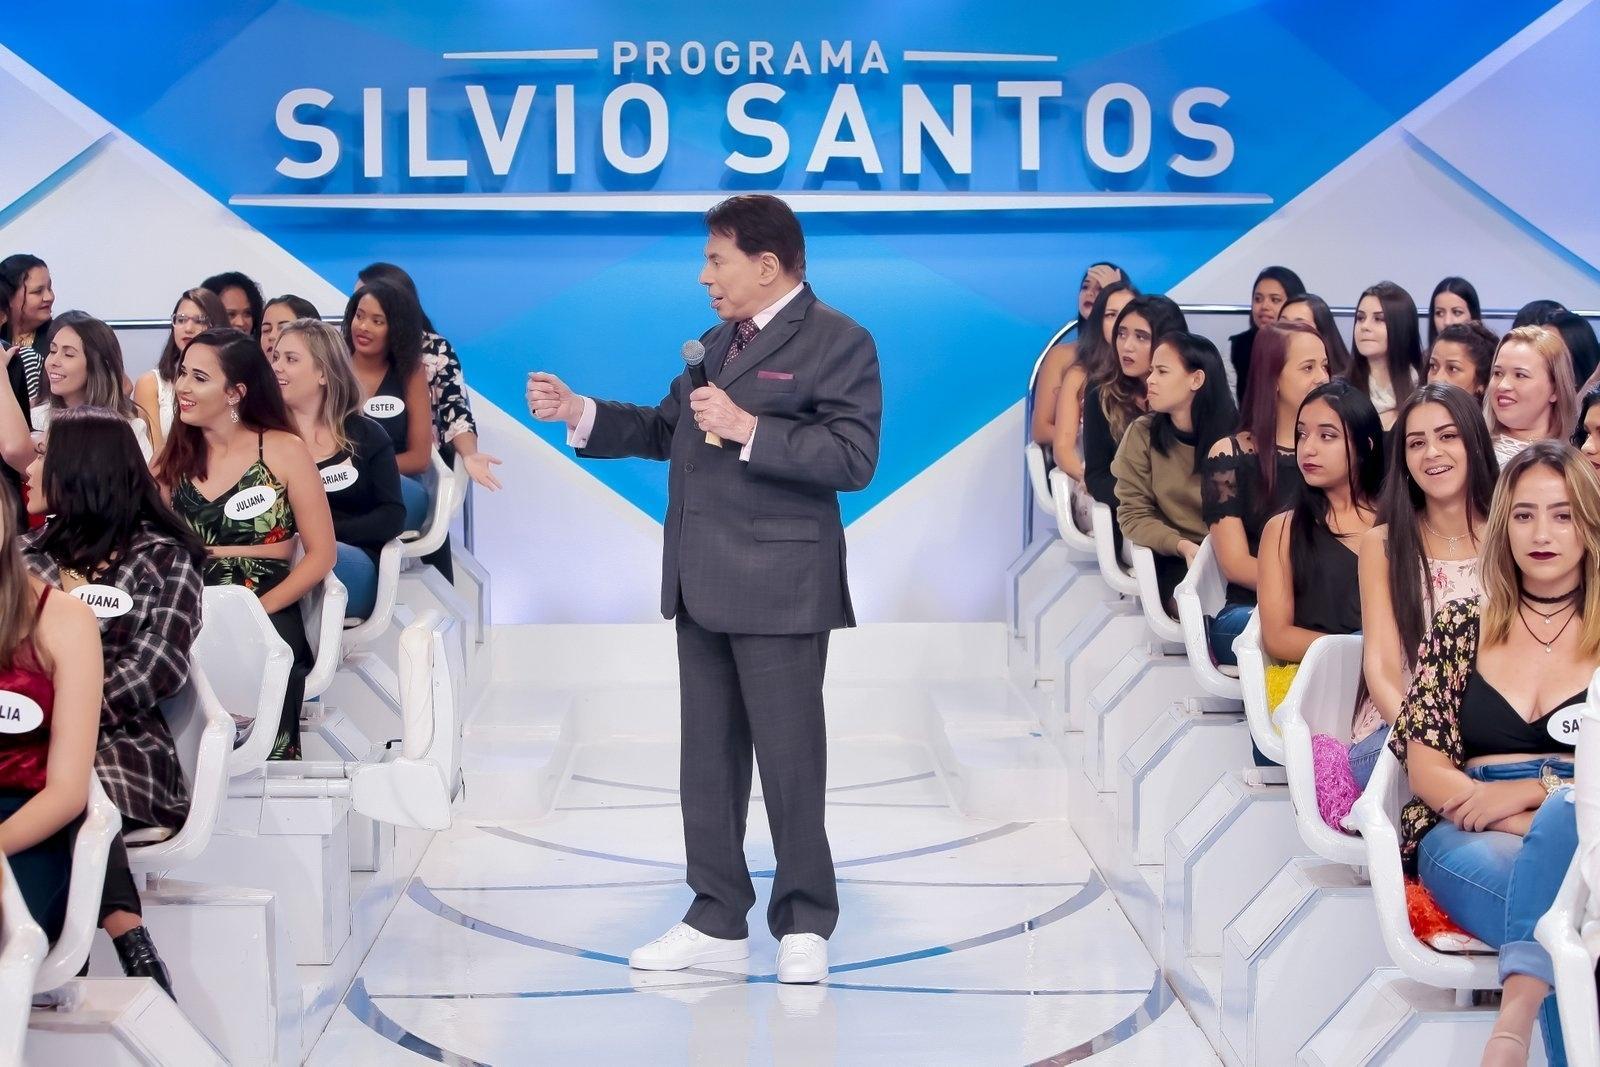 581b2696f Fotos: Patrão estiloso! Silvio Santos usa tênis para gravar seu ...